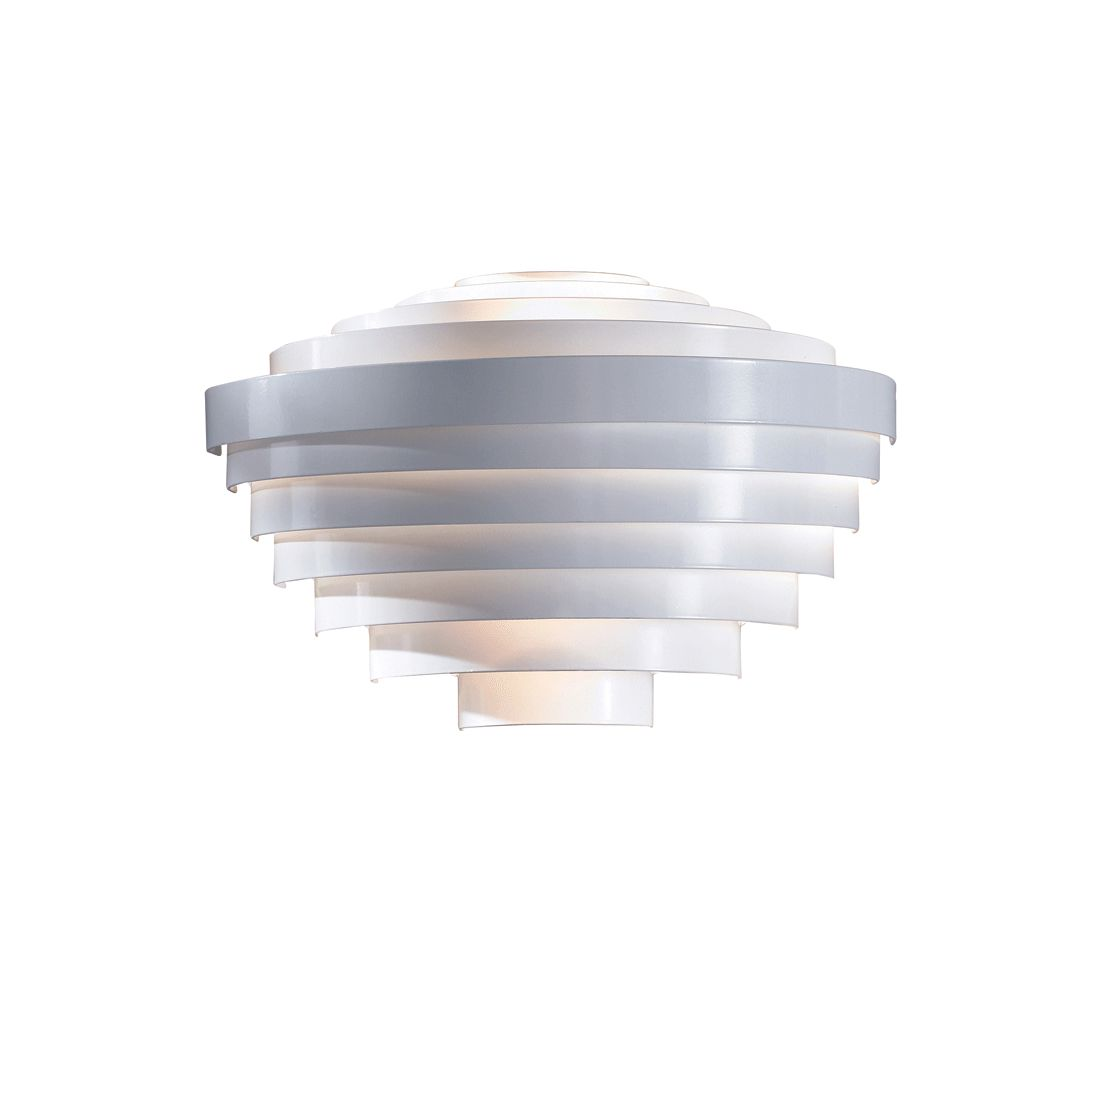 Wandleuchte Djoser – Metall – Weiß, PureDay jetzt kaufen